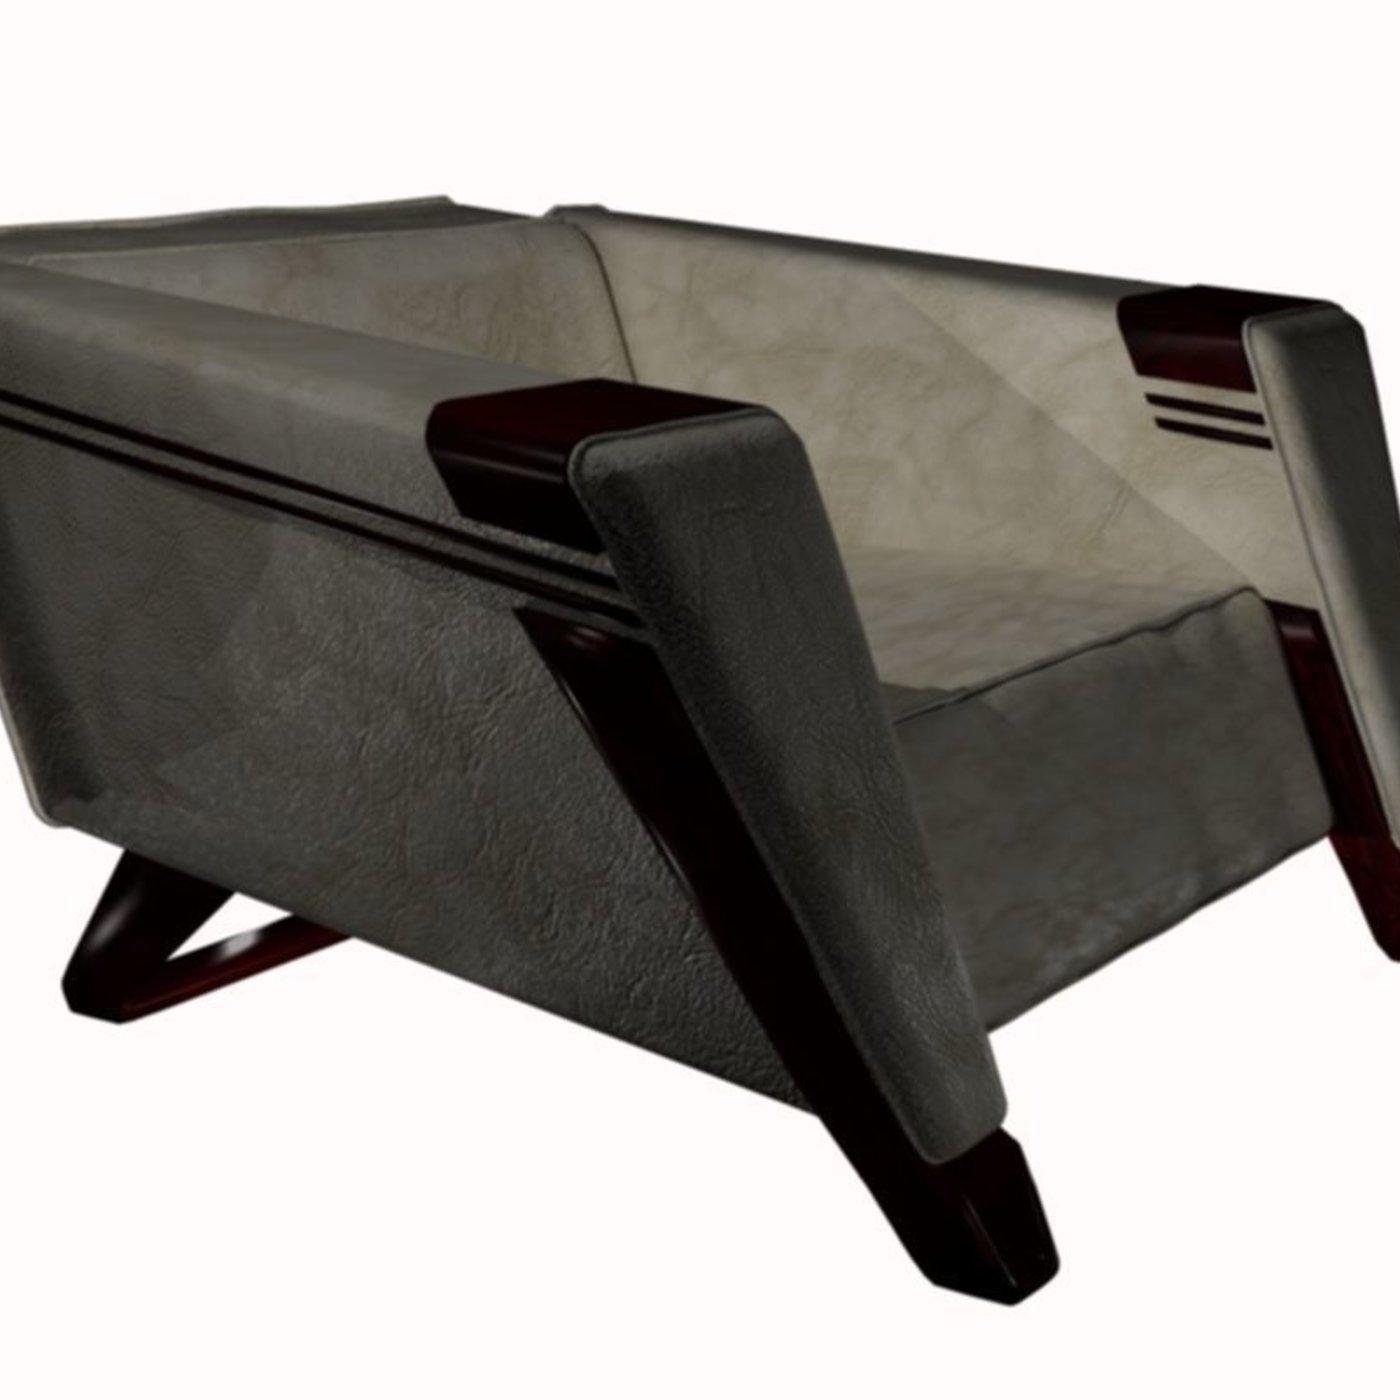 Club chair design 2